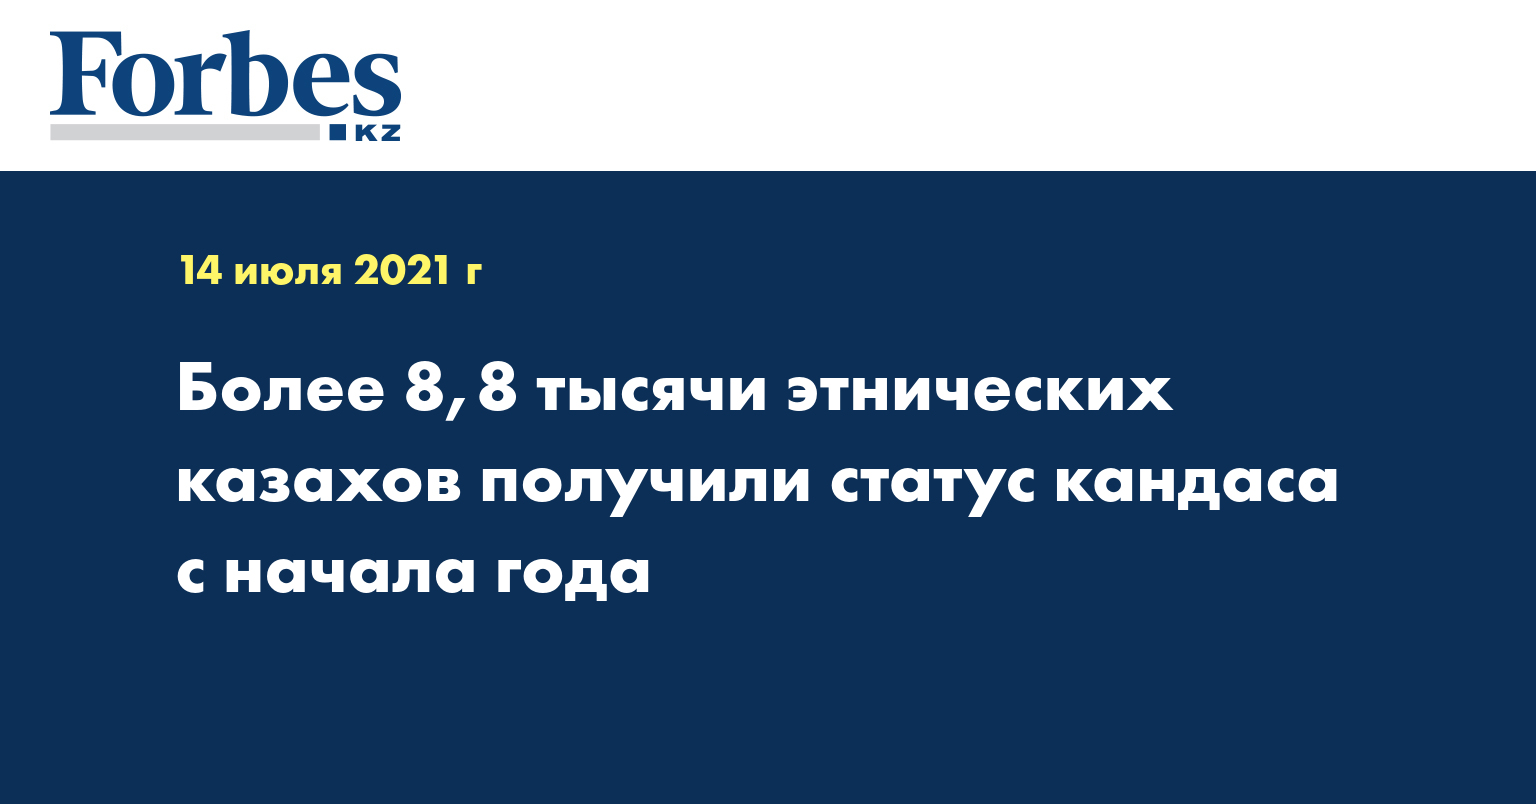 Более 8,8 тысяч этнических казахов получили статус кандаса с начала года